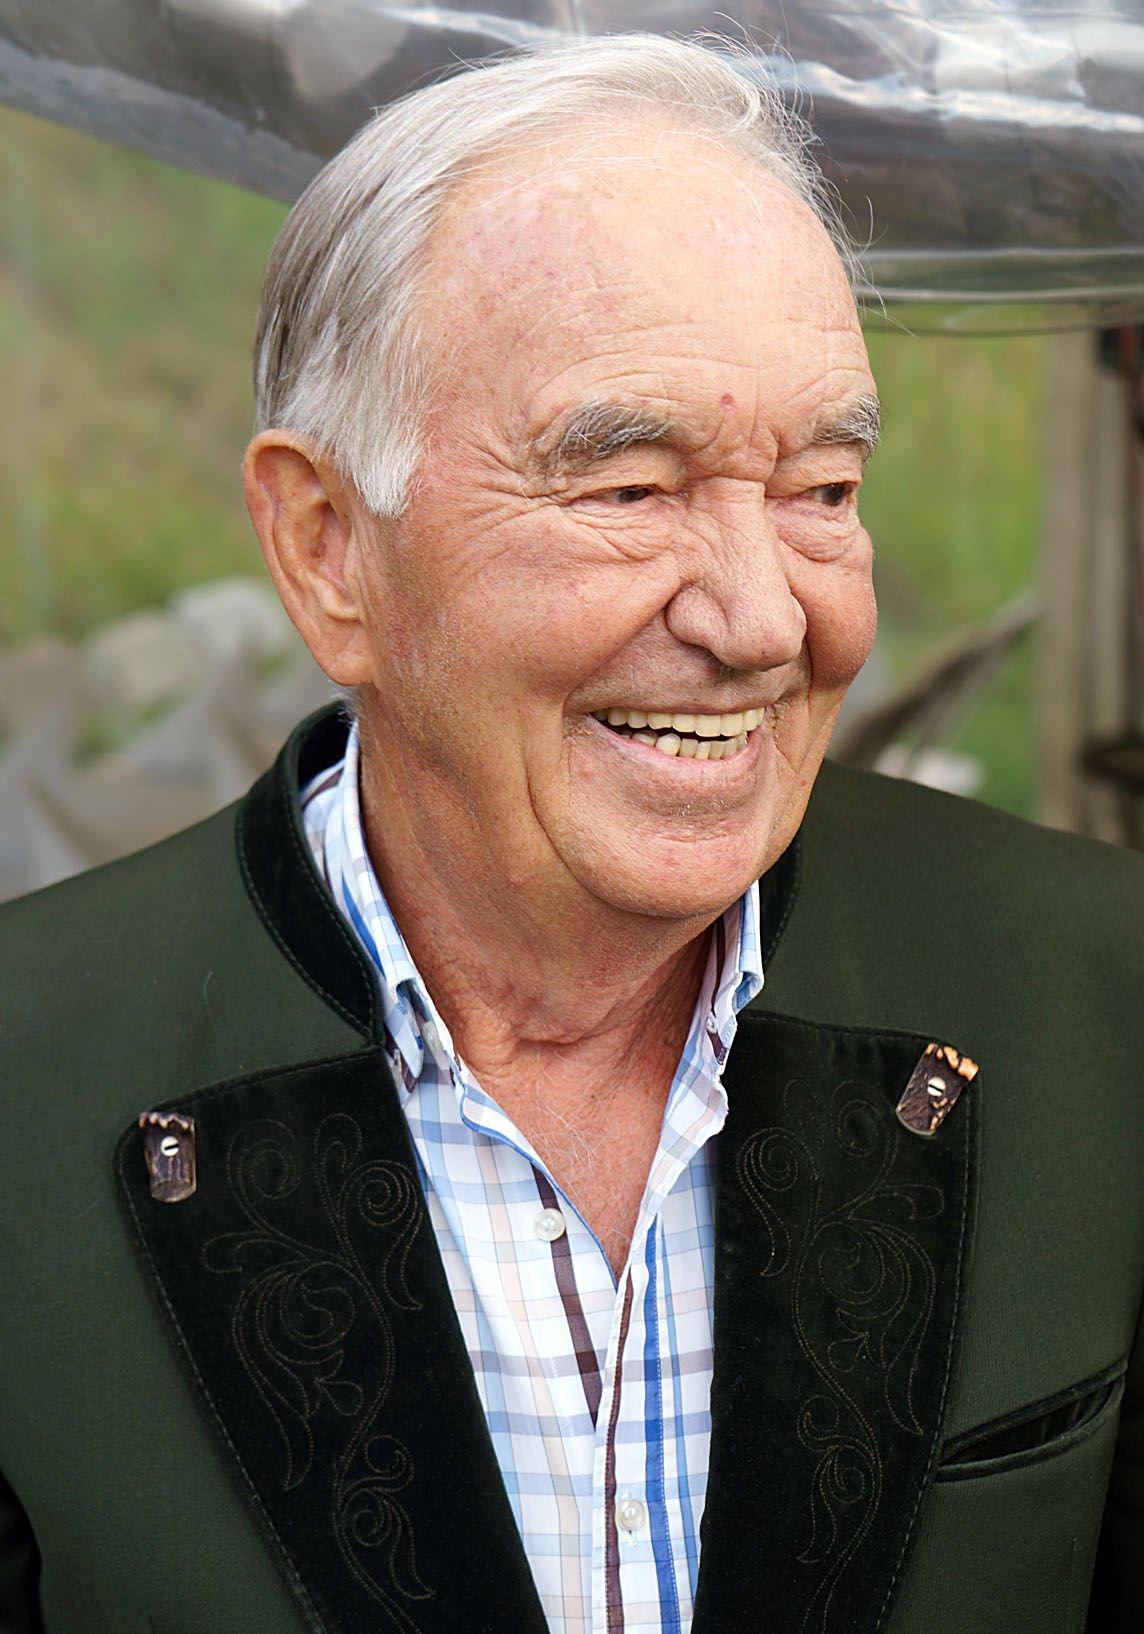 Bernhard Rietmann